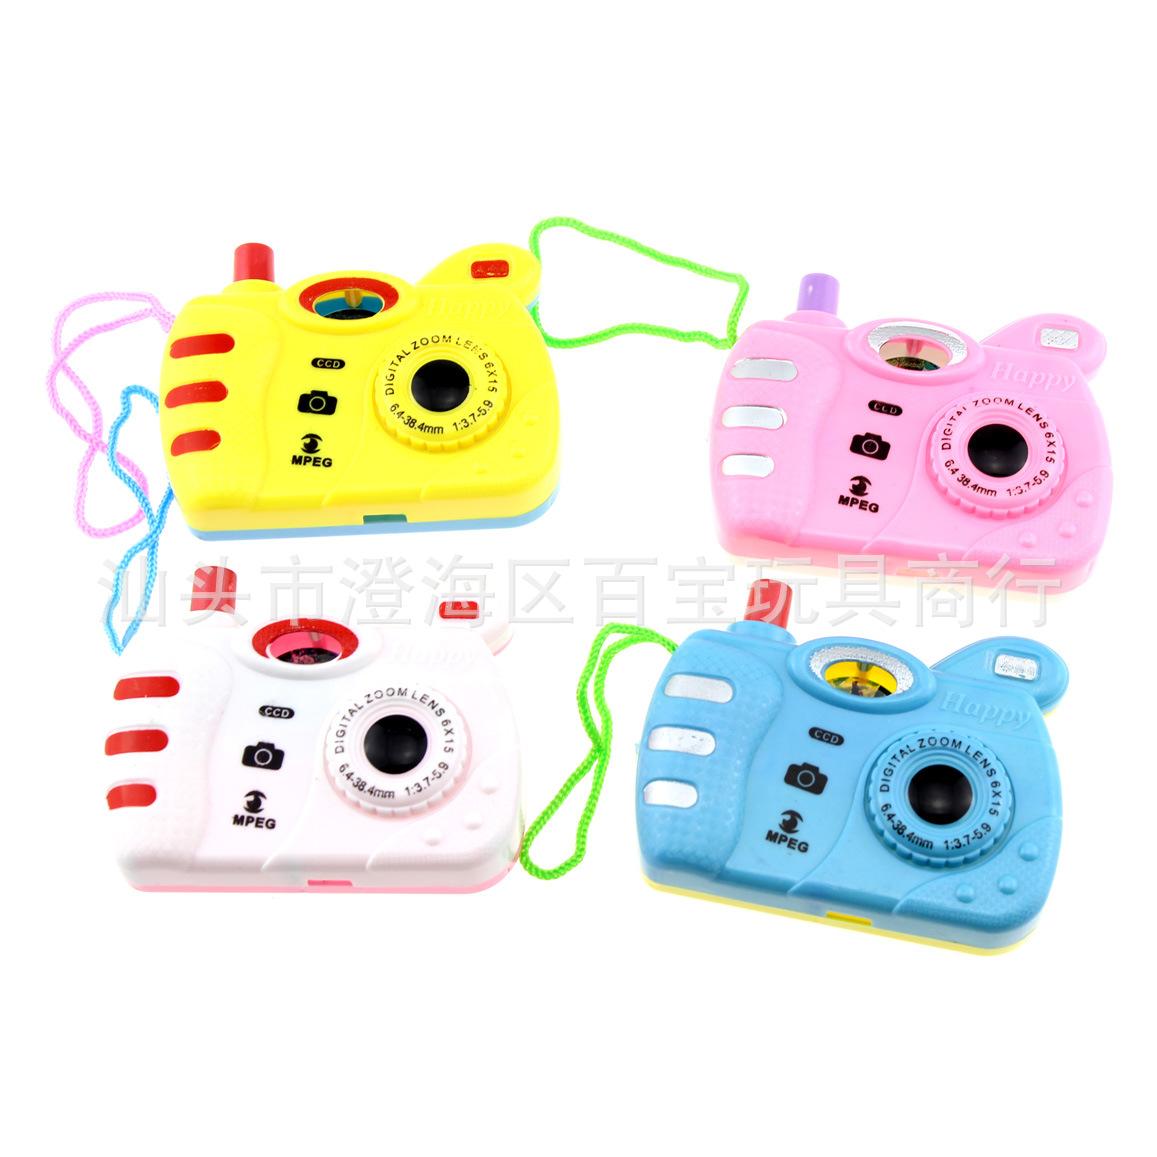 卡通相机 儿童益智小礼品玩具 卡通相机 2pcs BB112614 A1 阿里巴巴